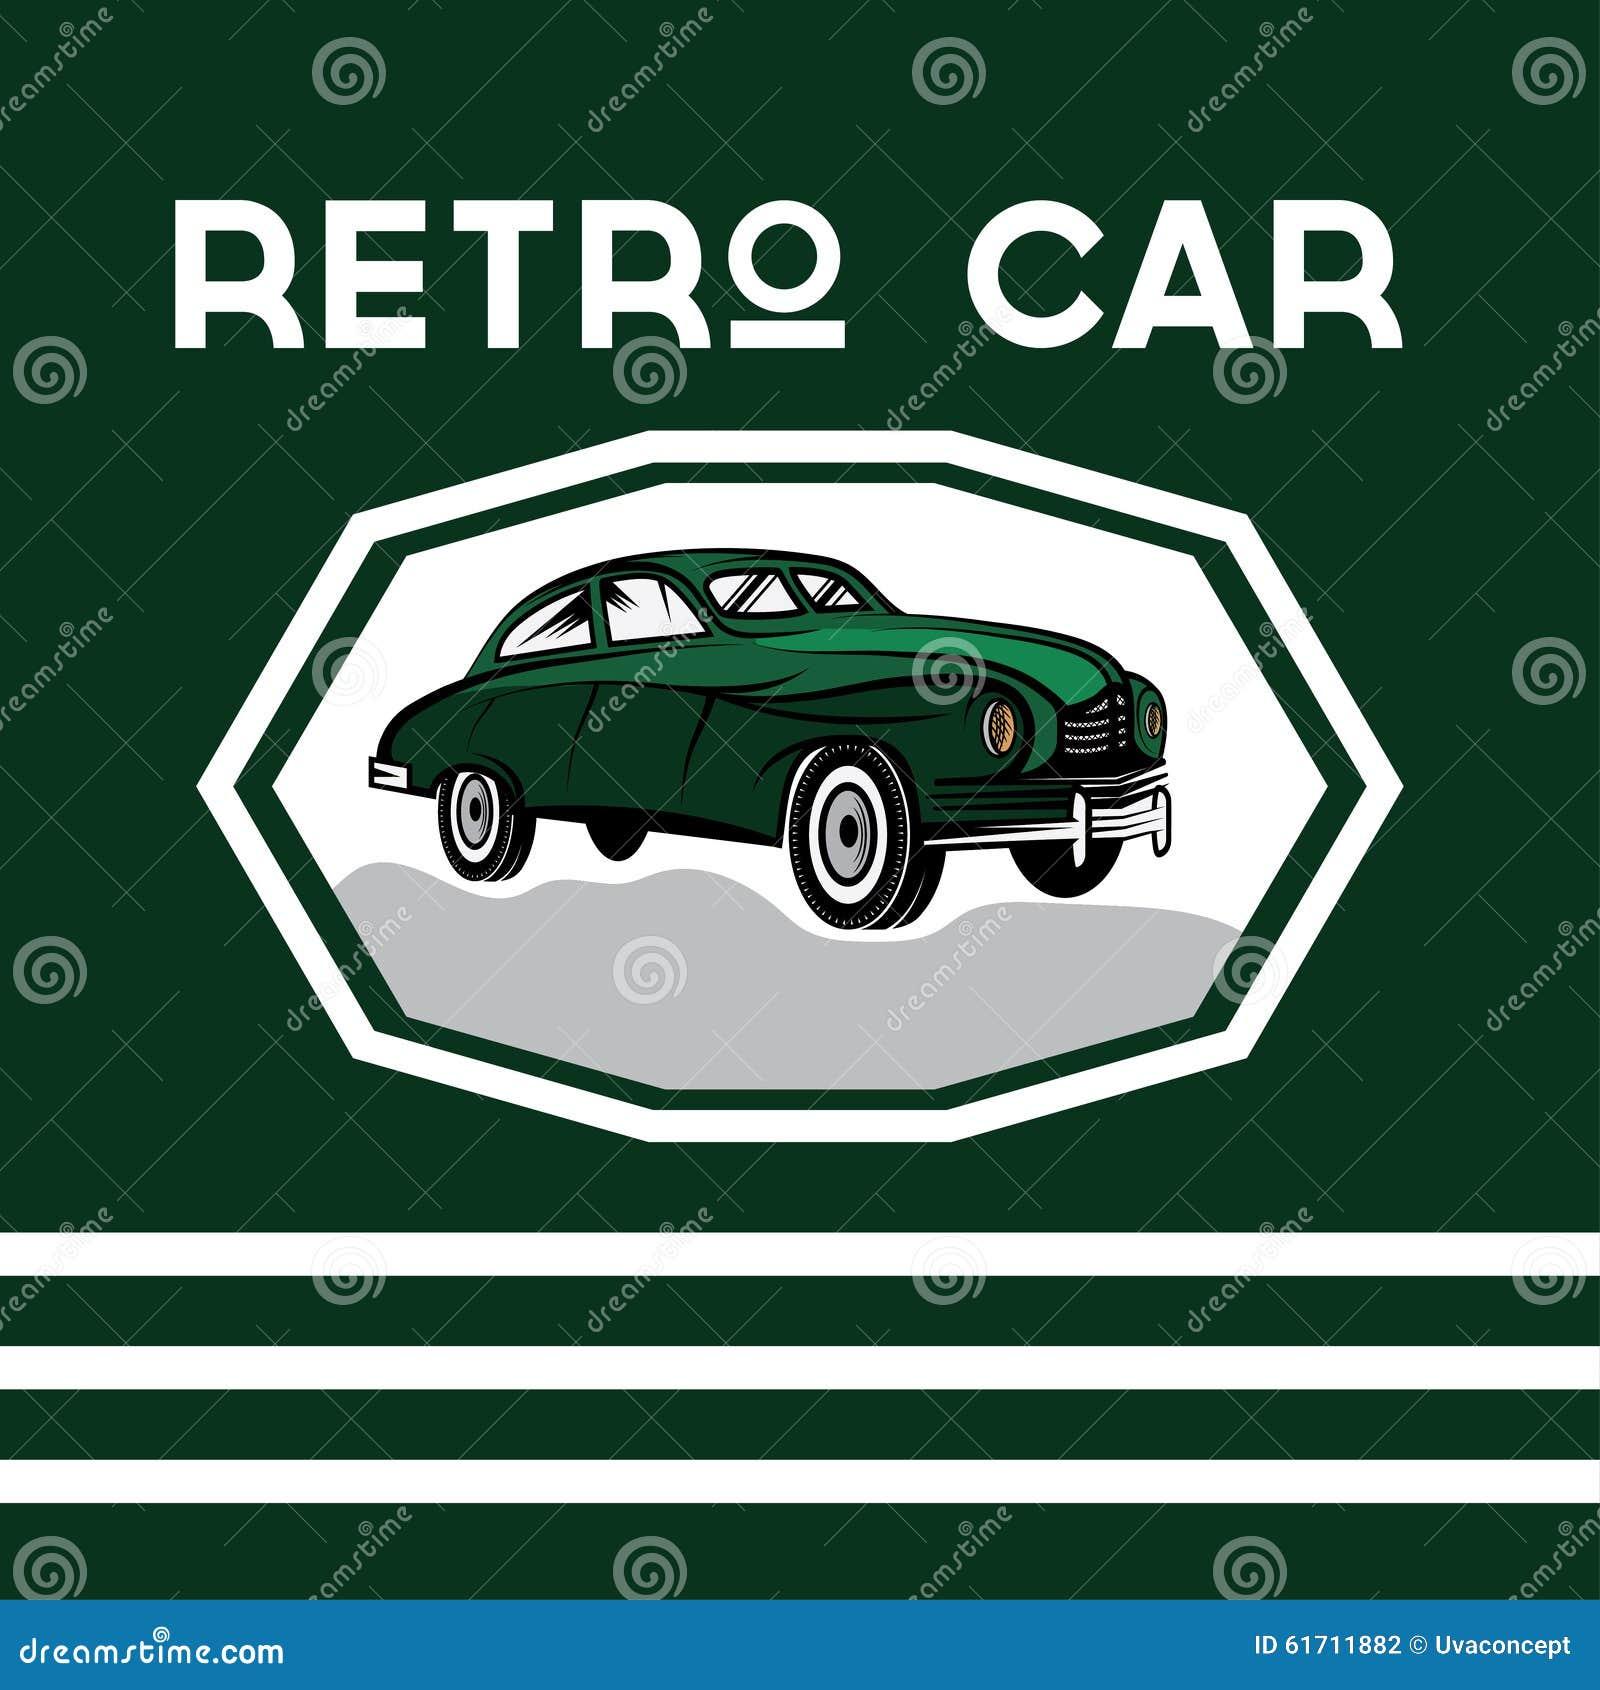 car old vintage poster